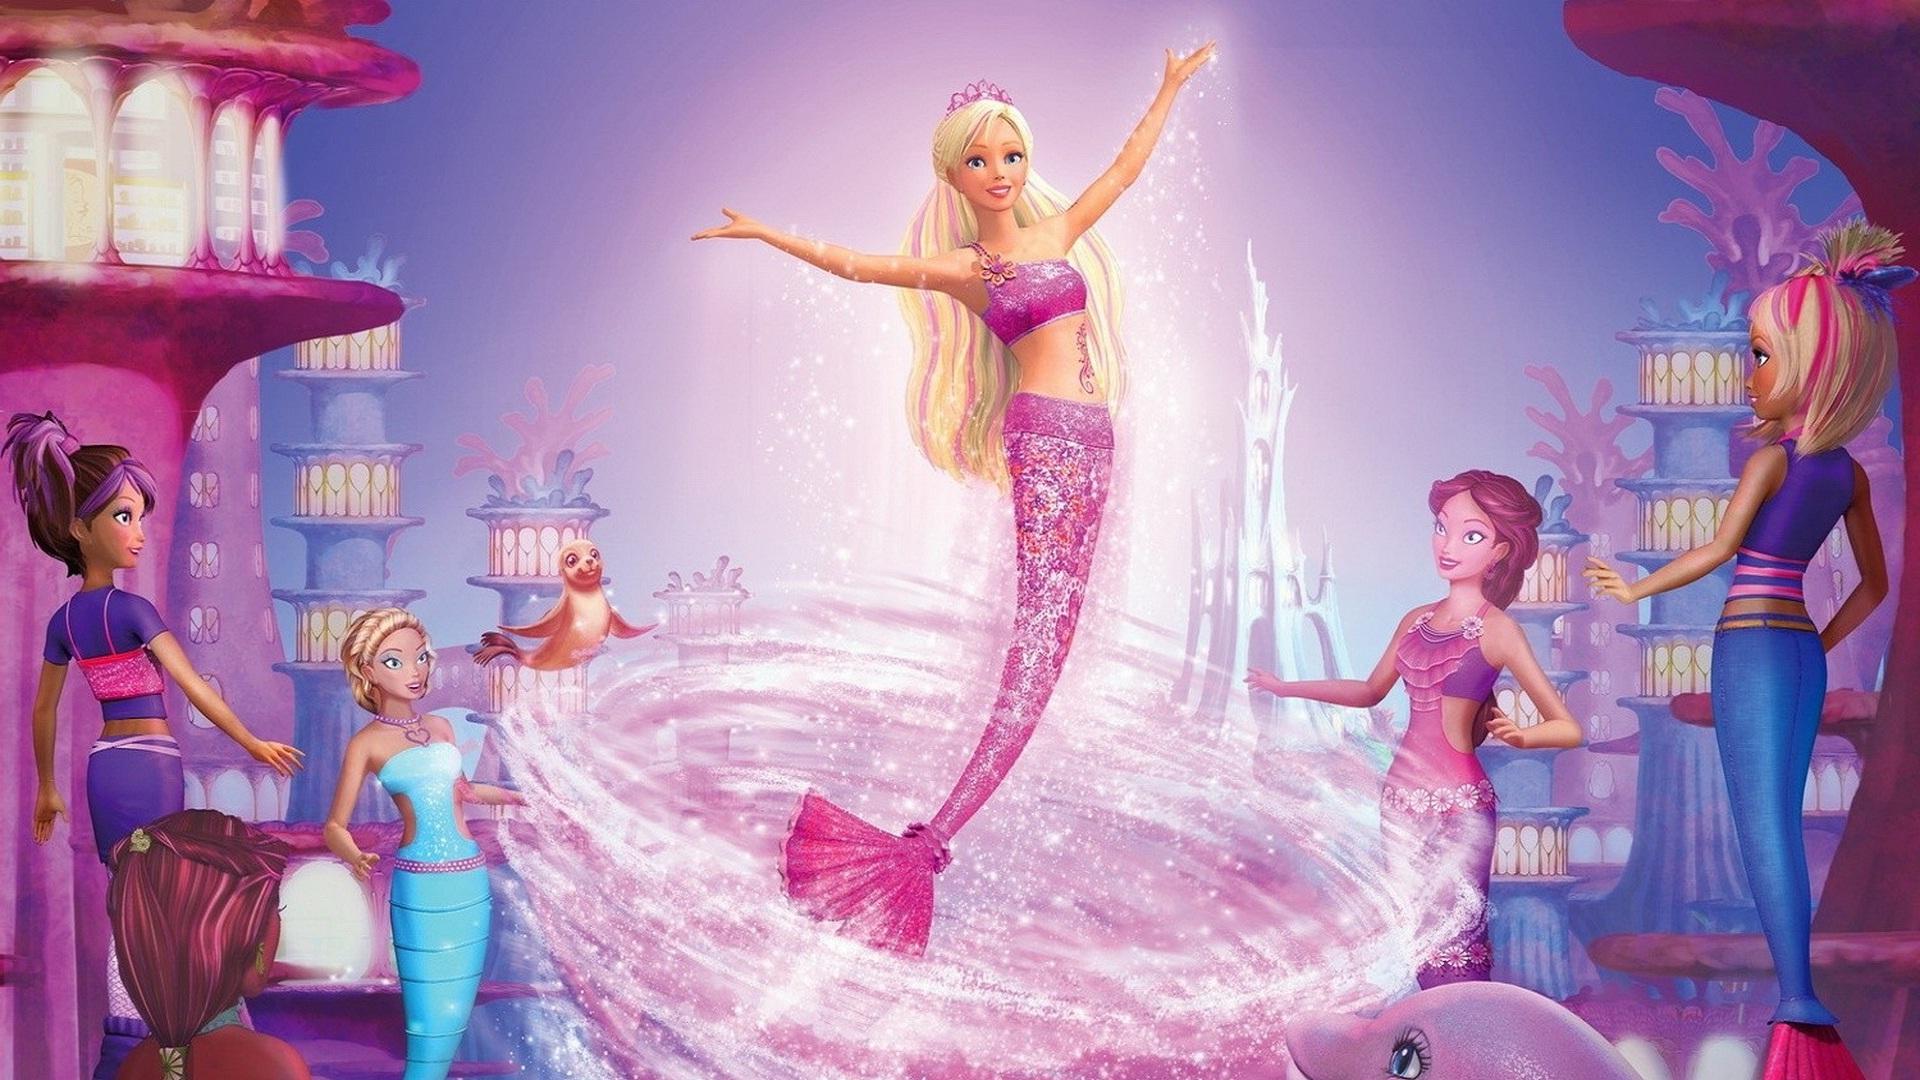 Barbie Wallpaper HD